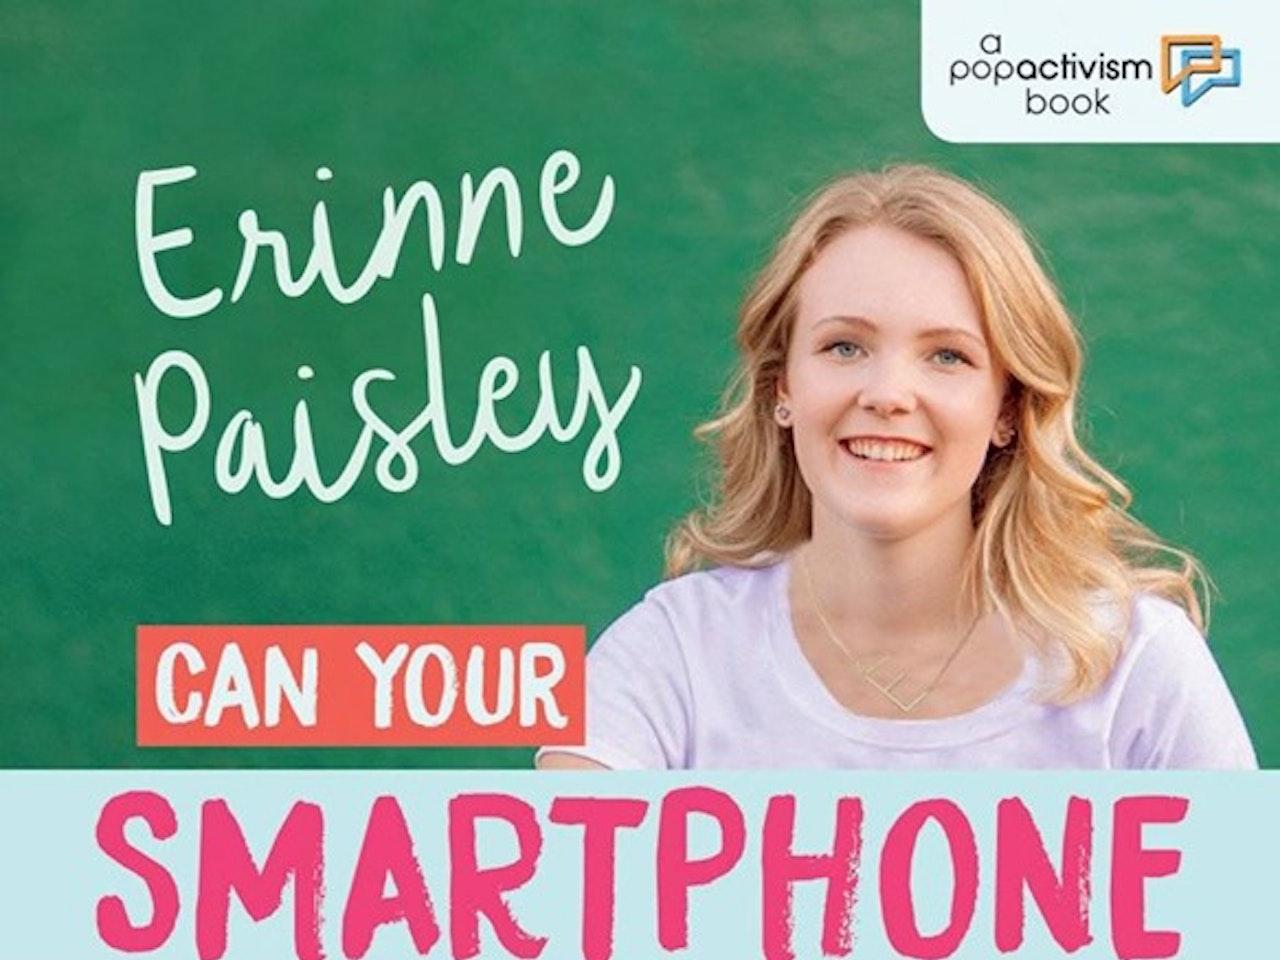 """Season 1 - """"Young Activists"""" Series - Erinne Paisley Interview - Entrevue """"Jeunes Engagés"""" avec Erinne Paisley"""